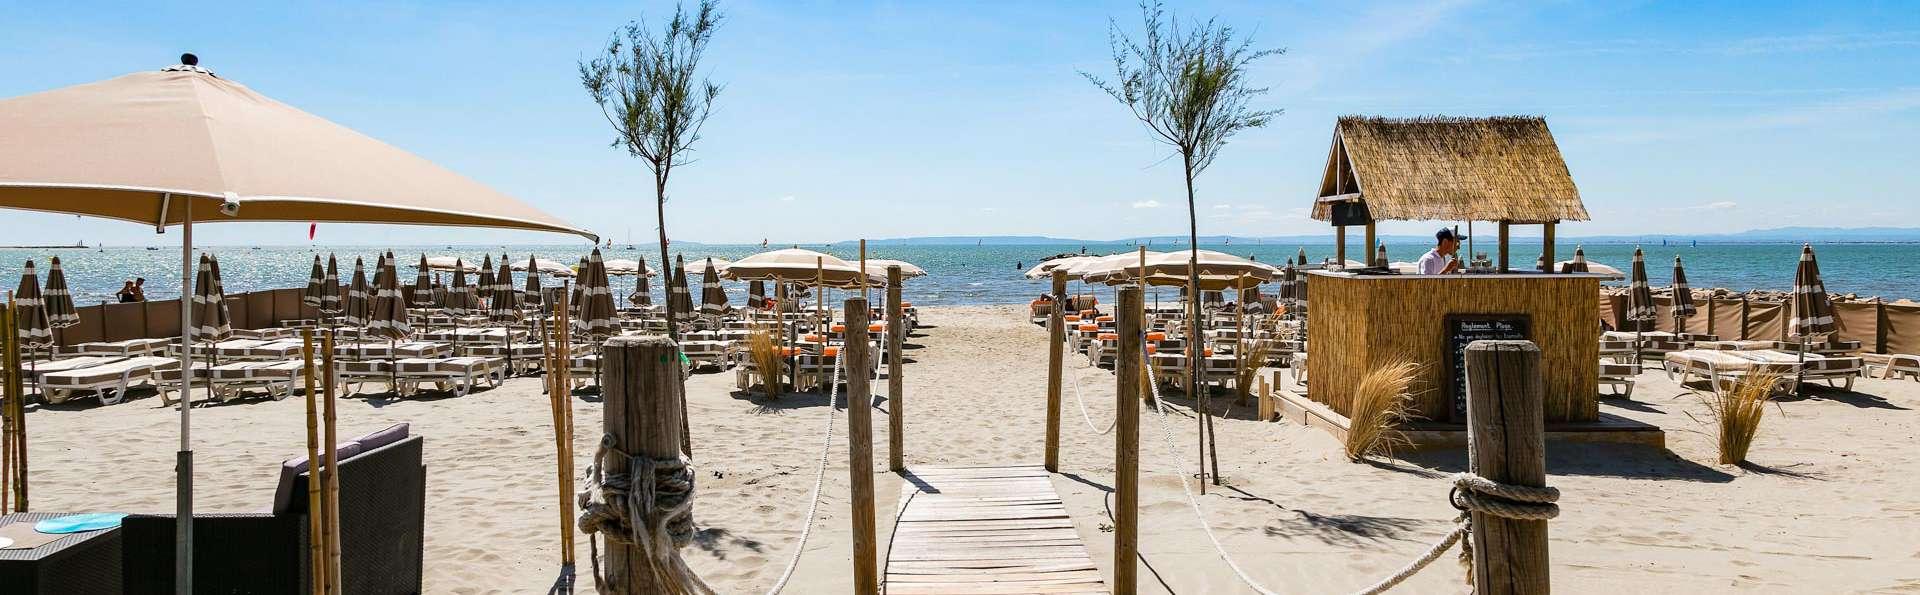 Week-end sur la côte Méditerranéenne au Grau-du-Roi